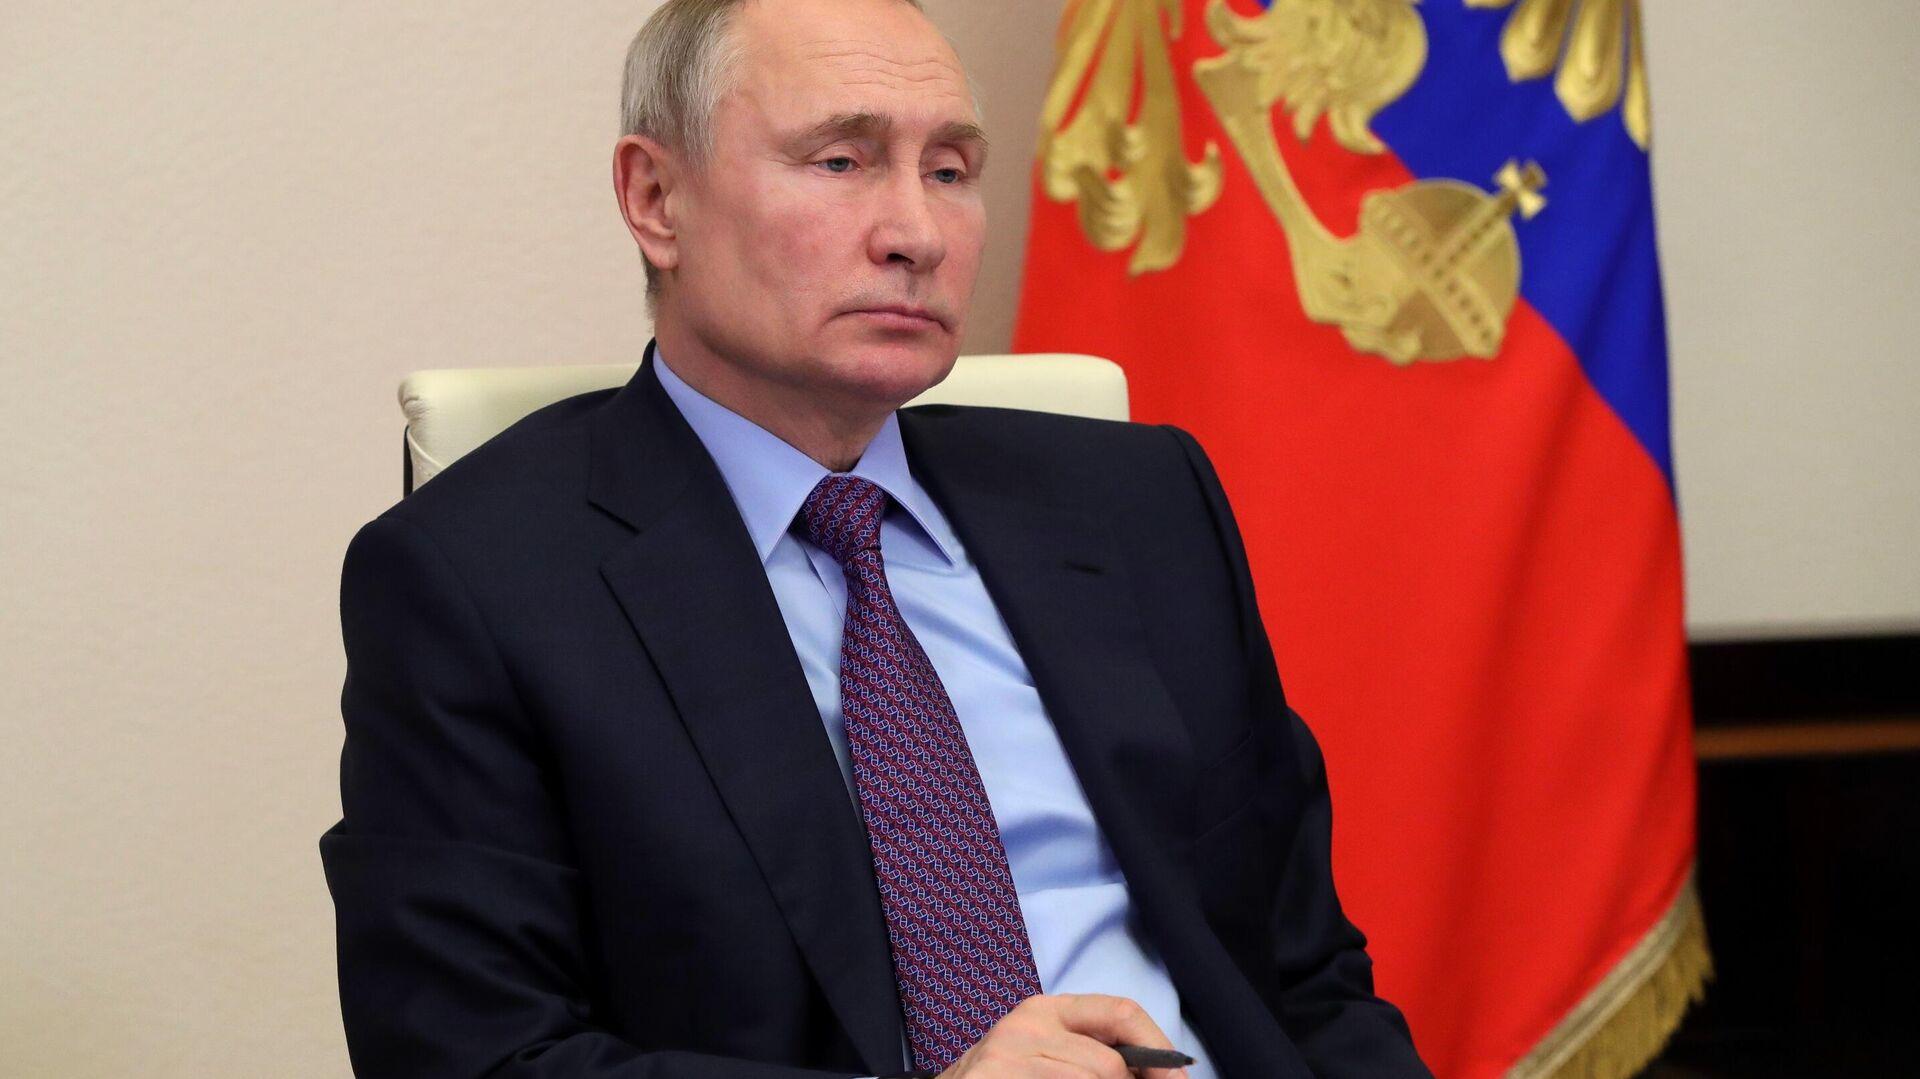 LIVE: Владимир Путин проводит видеоконференцию со студентами - РИА Новости, 1920, 25.01.2021